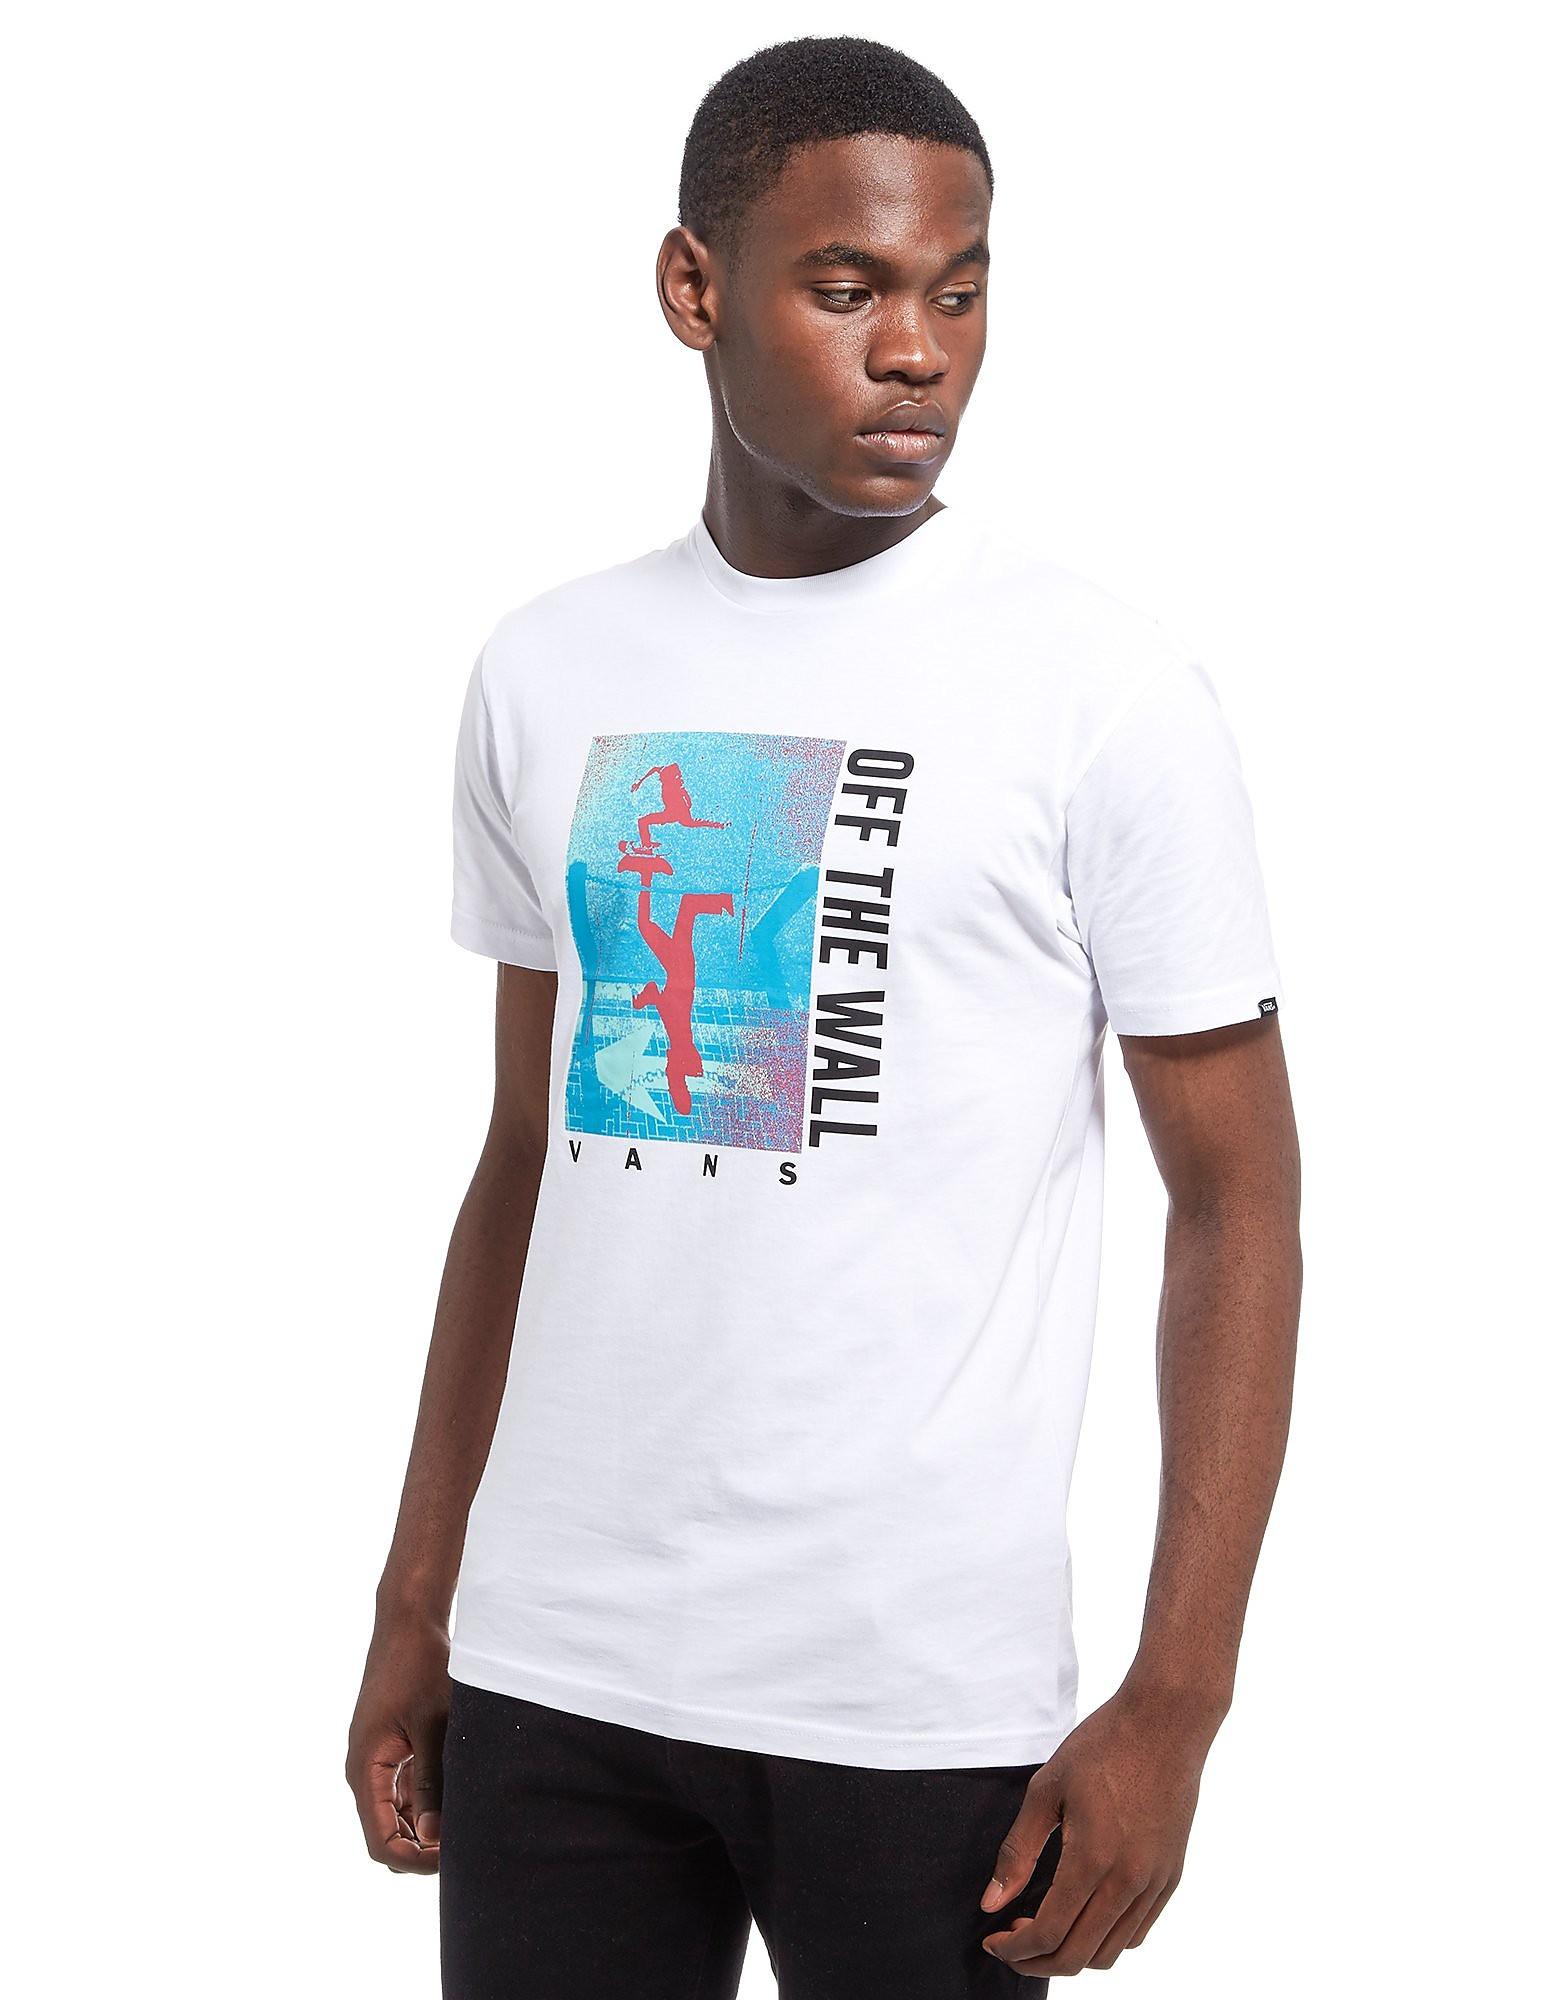 Vans Heat Map T-Shirt